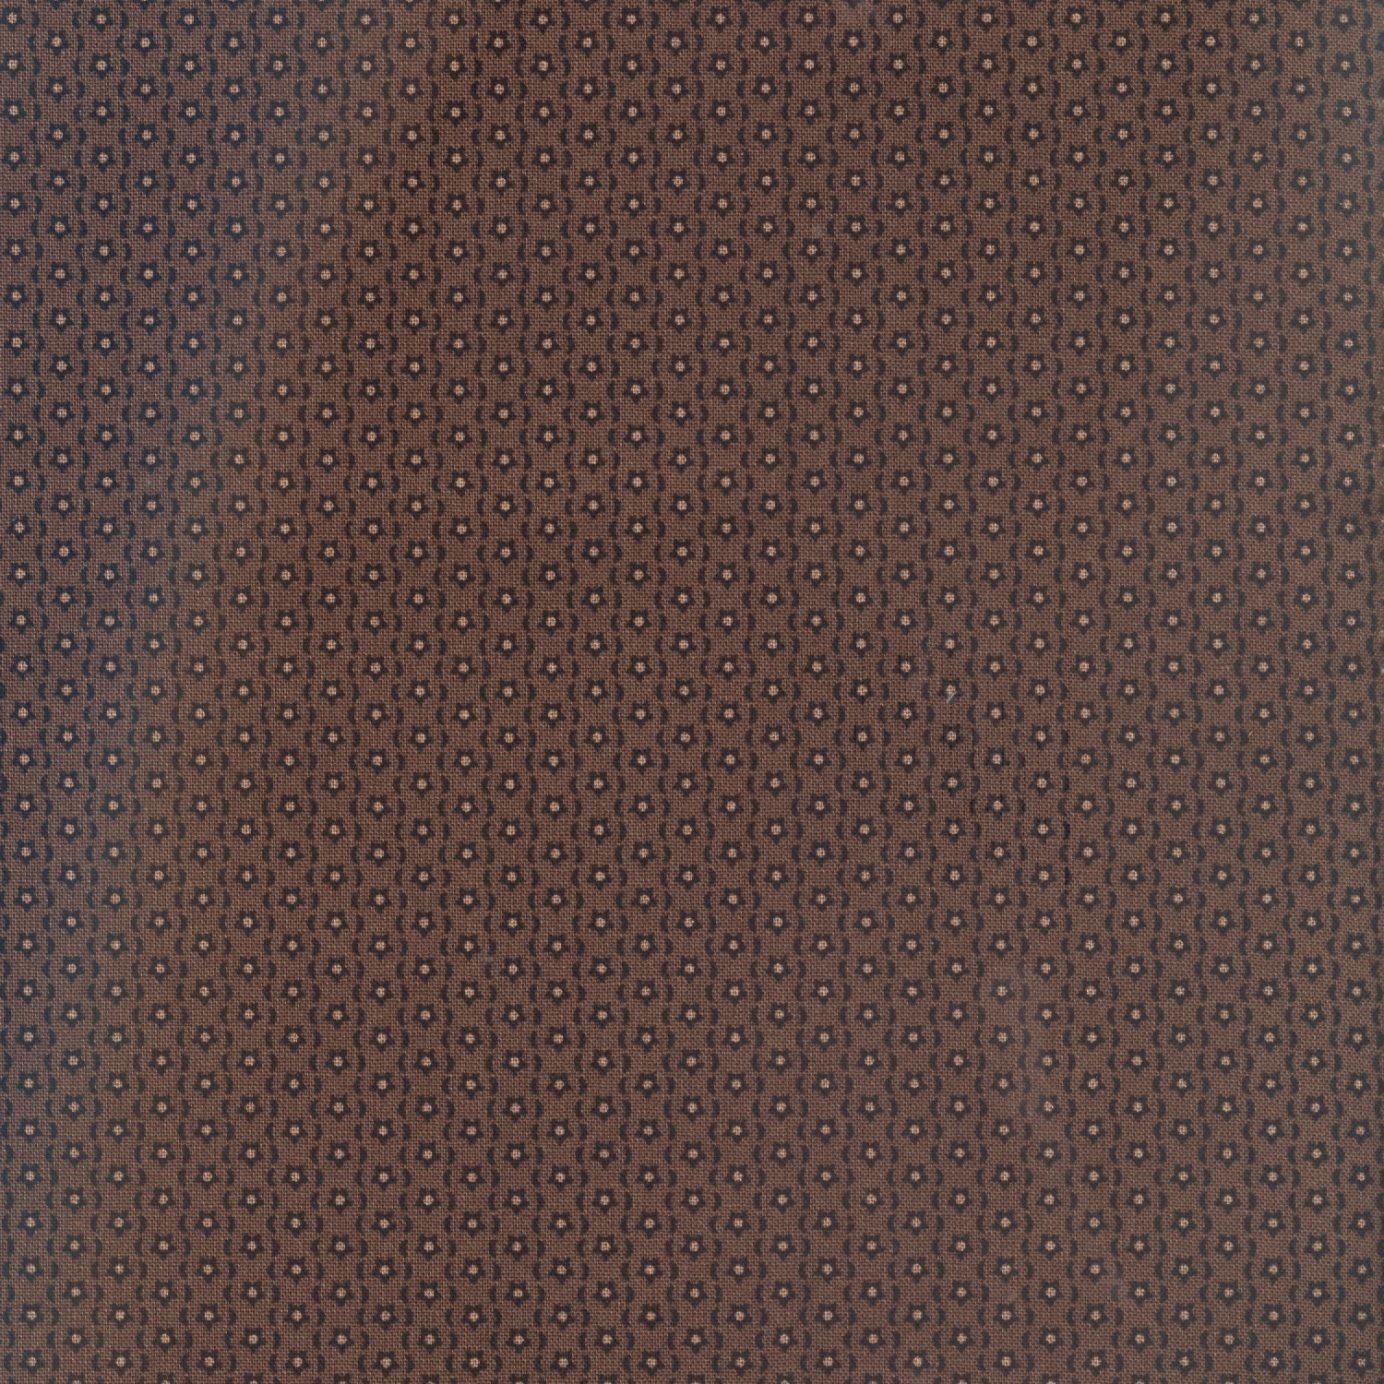 jefferson-stripe-brown-c6163-brown